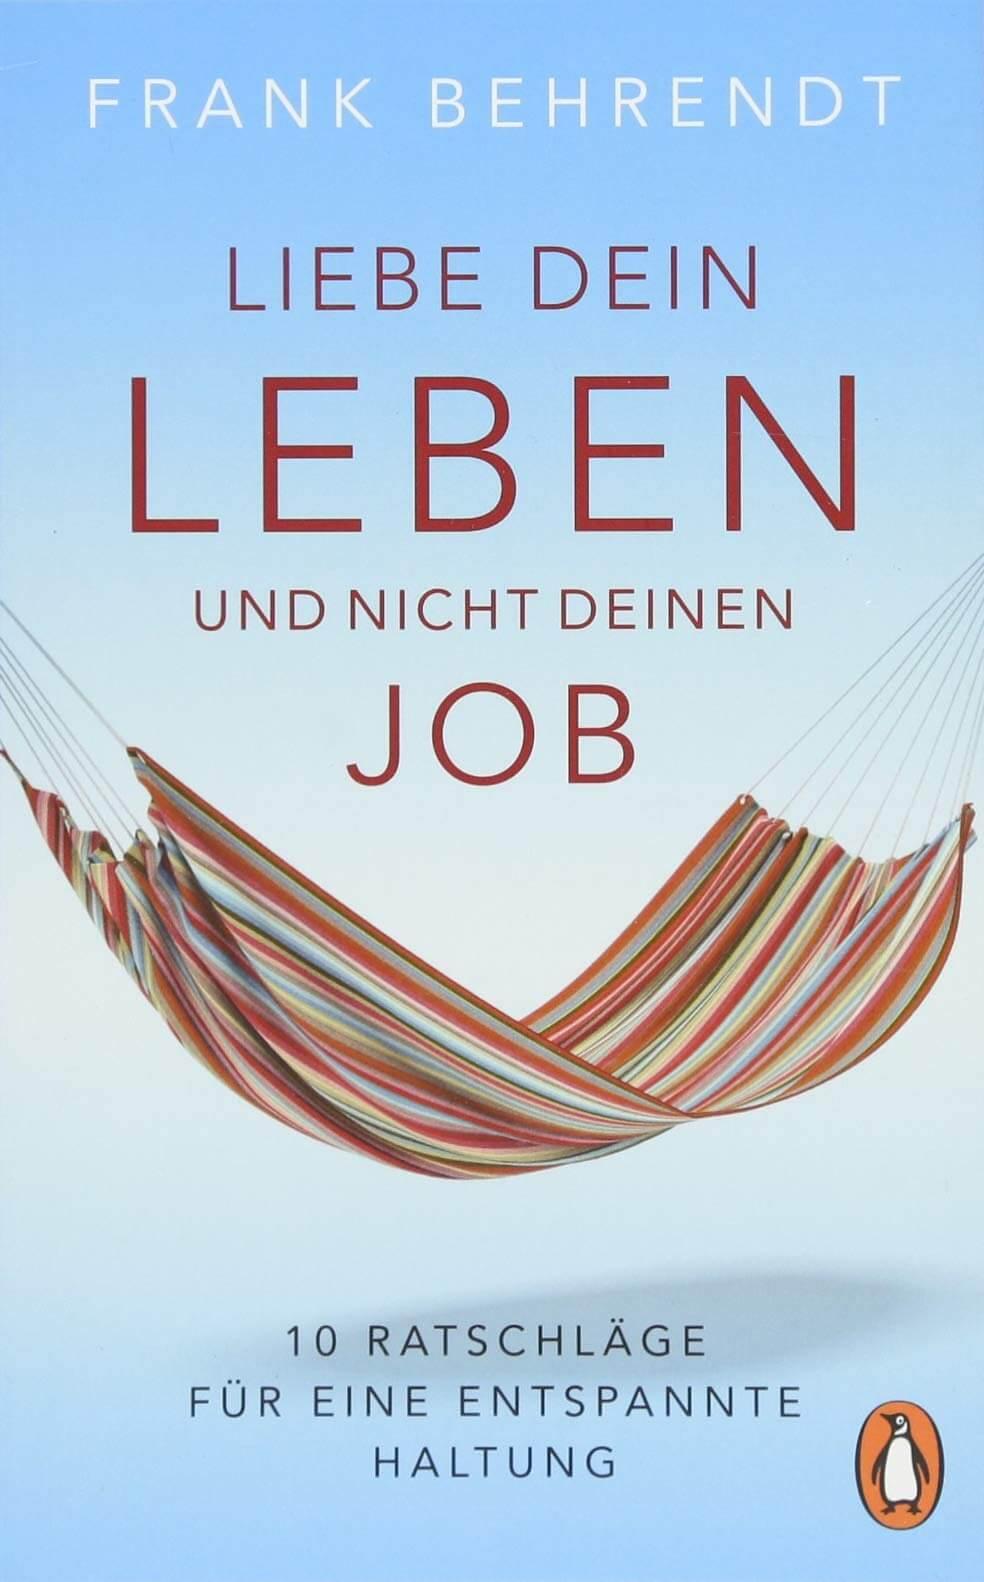 Cover des Buchs: Liebe dein Leben und nicht deinen Job: 10 Ratschläge für eine entspannte Haltung